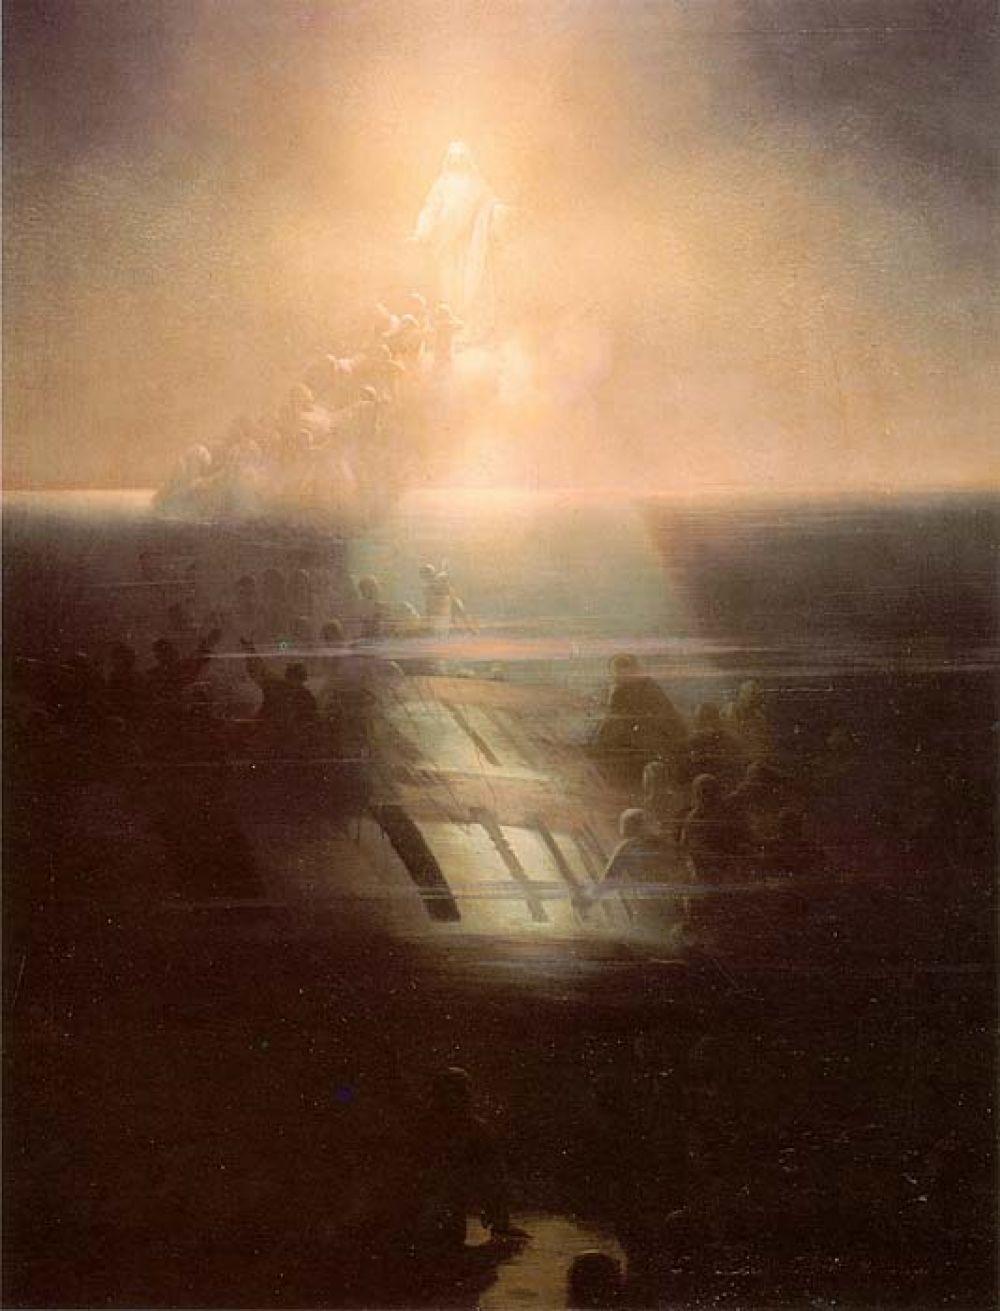 10 сентября 1857 года линейный корабль «Лефорт» попал в шторм, опрокинулся и затонул по пути из Ревеля в Кронштадт. Погибли все находившиеся на борту – 826 человек, в том числе 53 женщины и 17 детей.